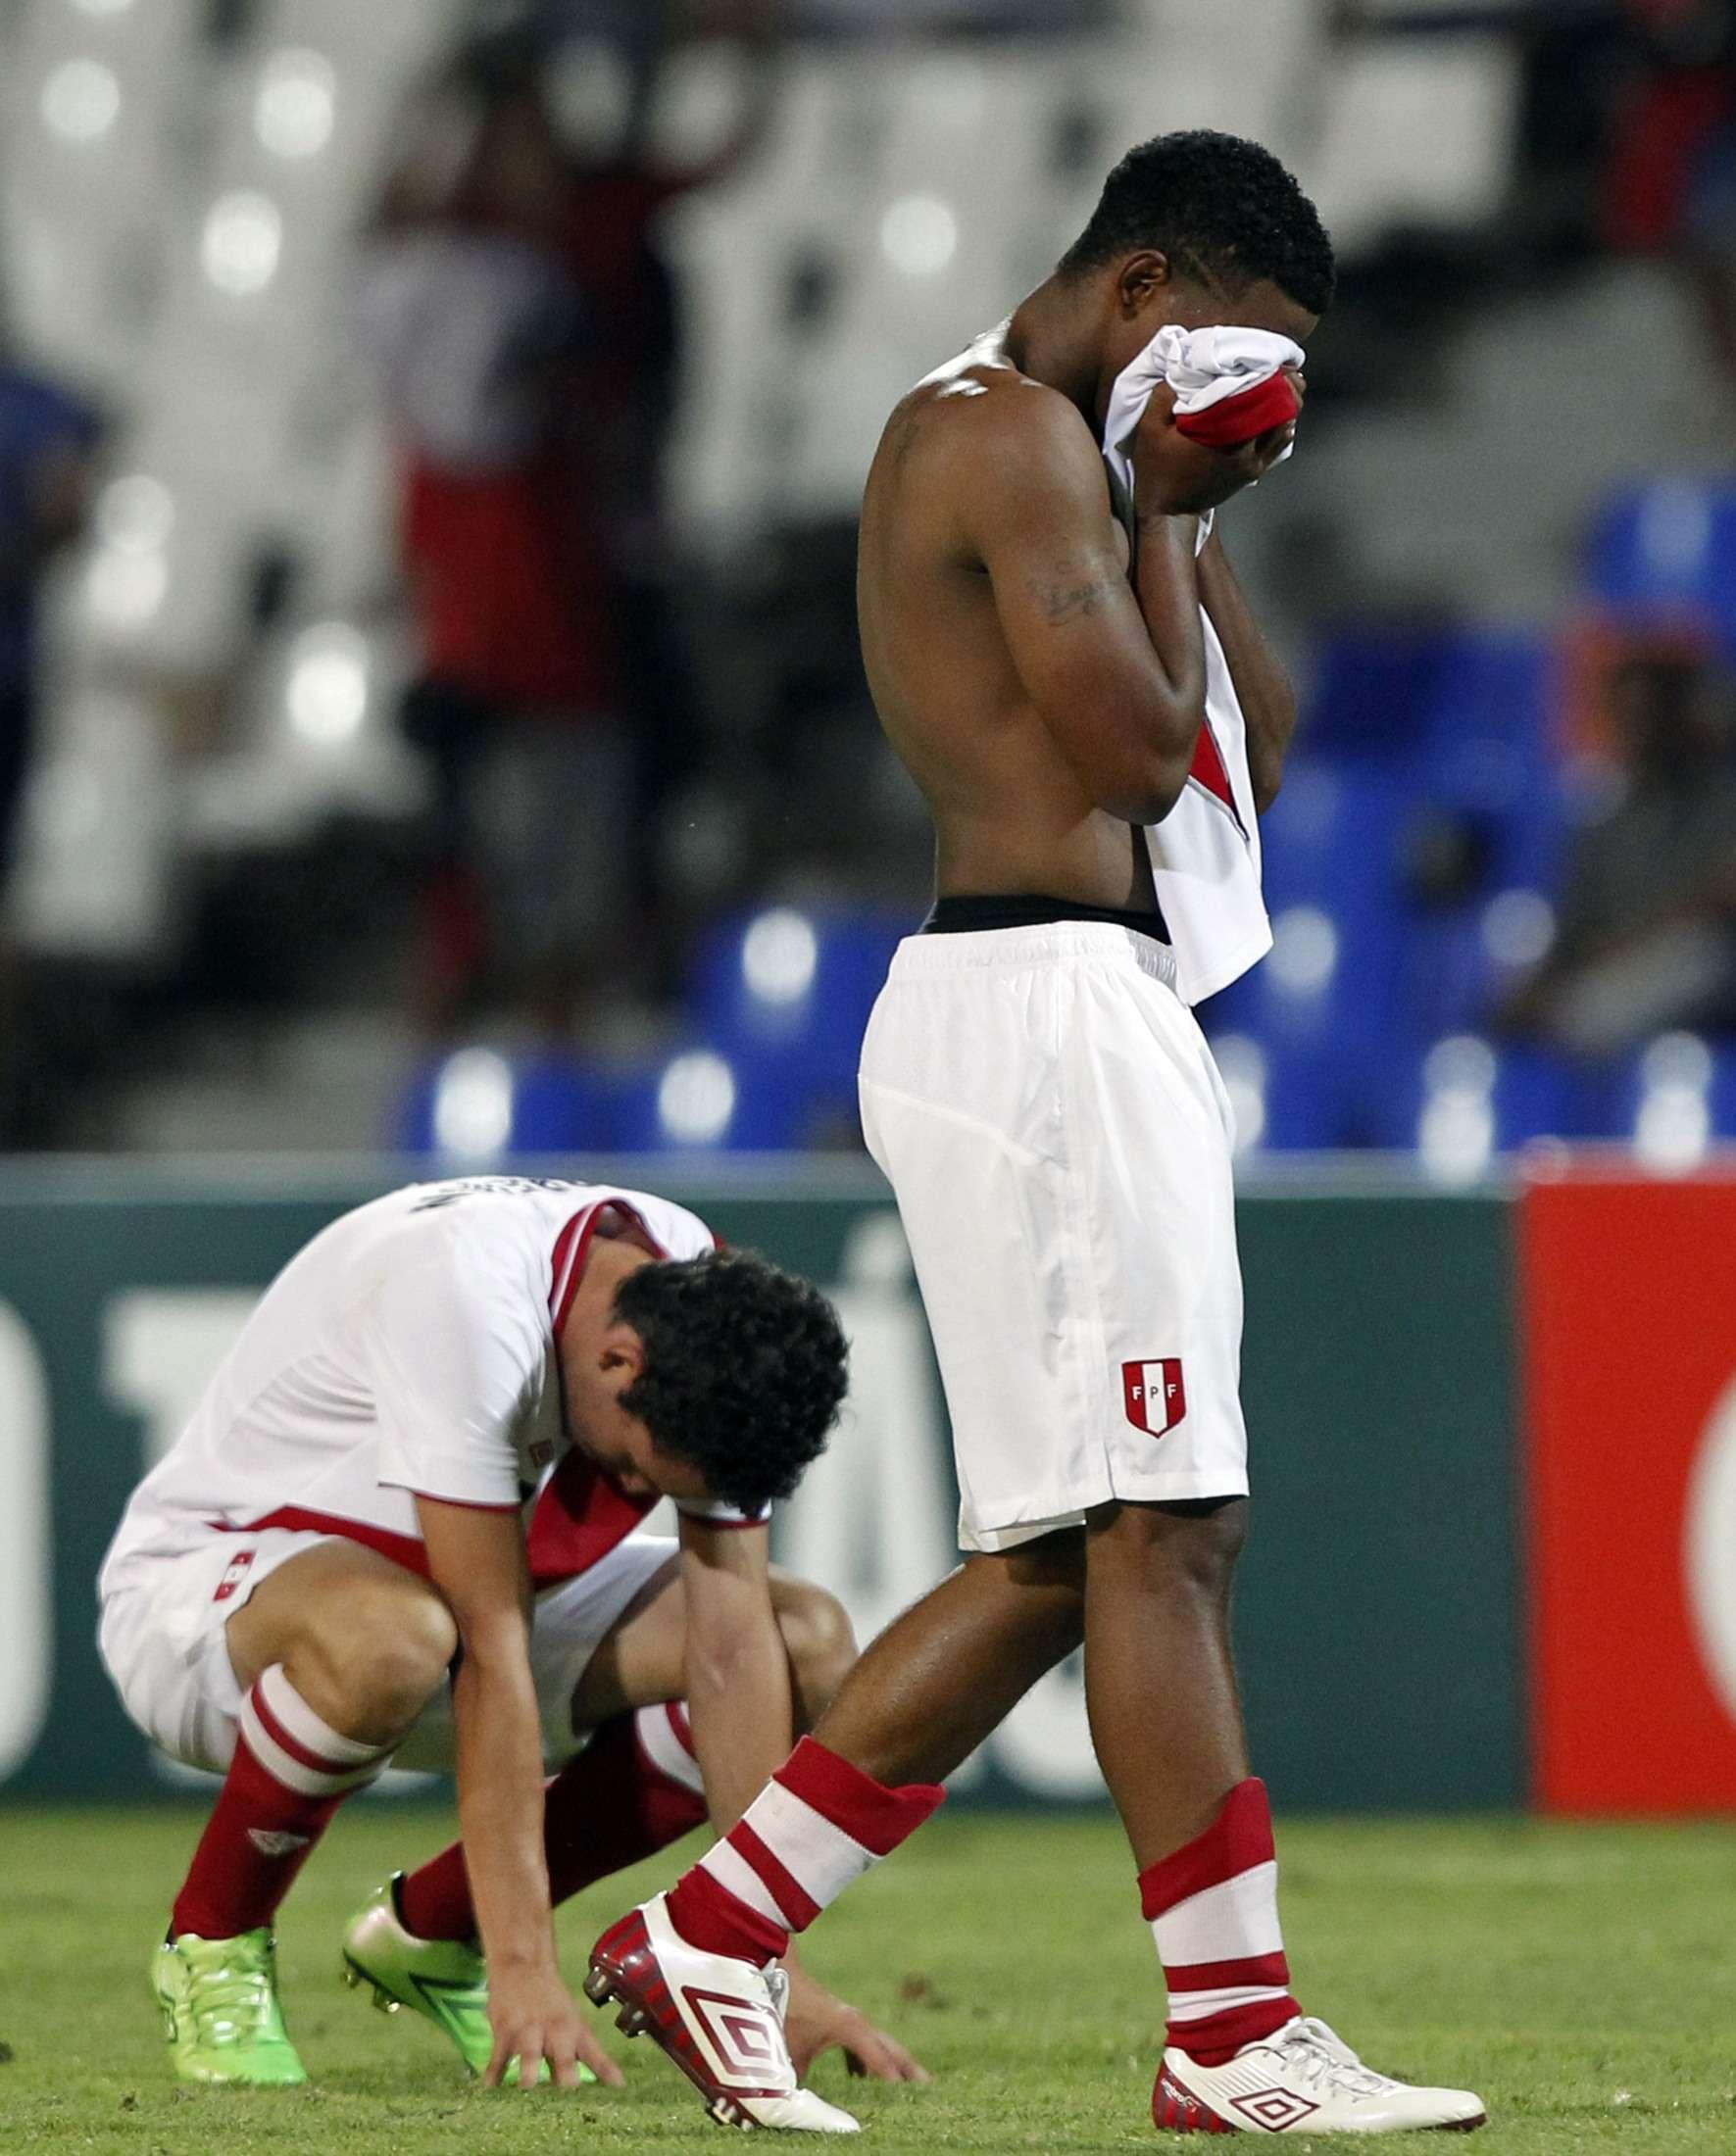 Llanto y frustración: Perú mereció más en Sudamericano Sub20